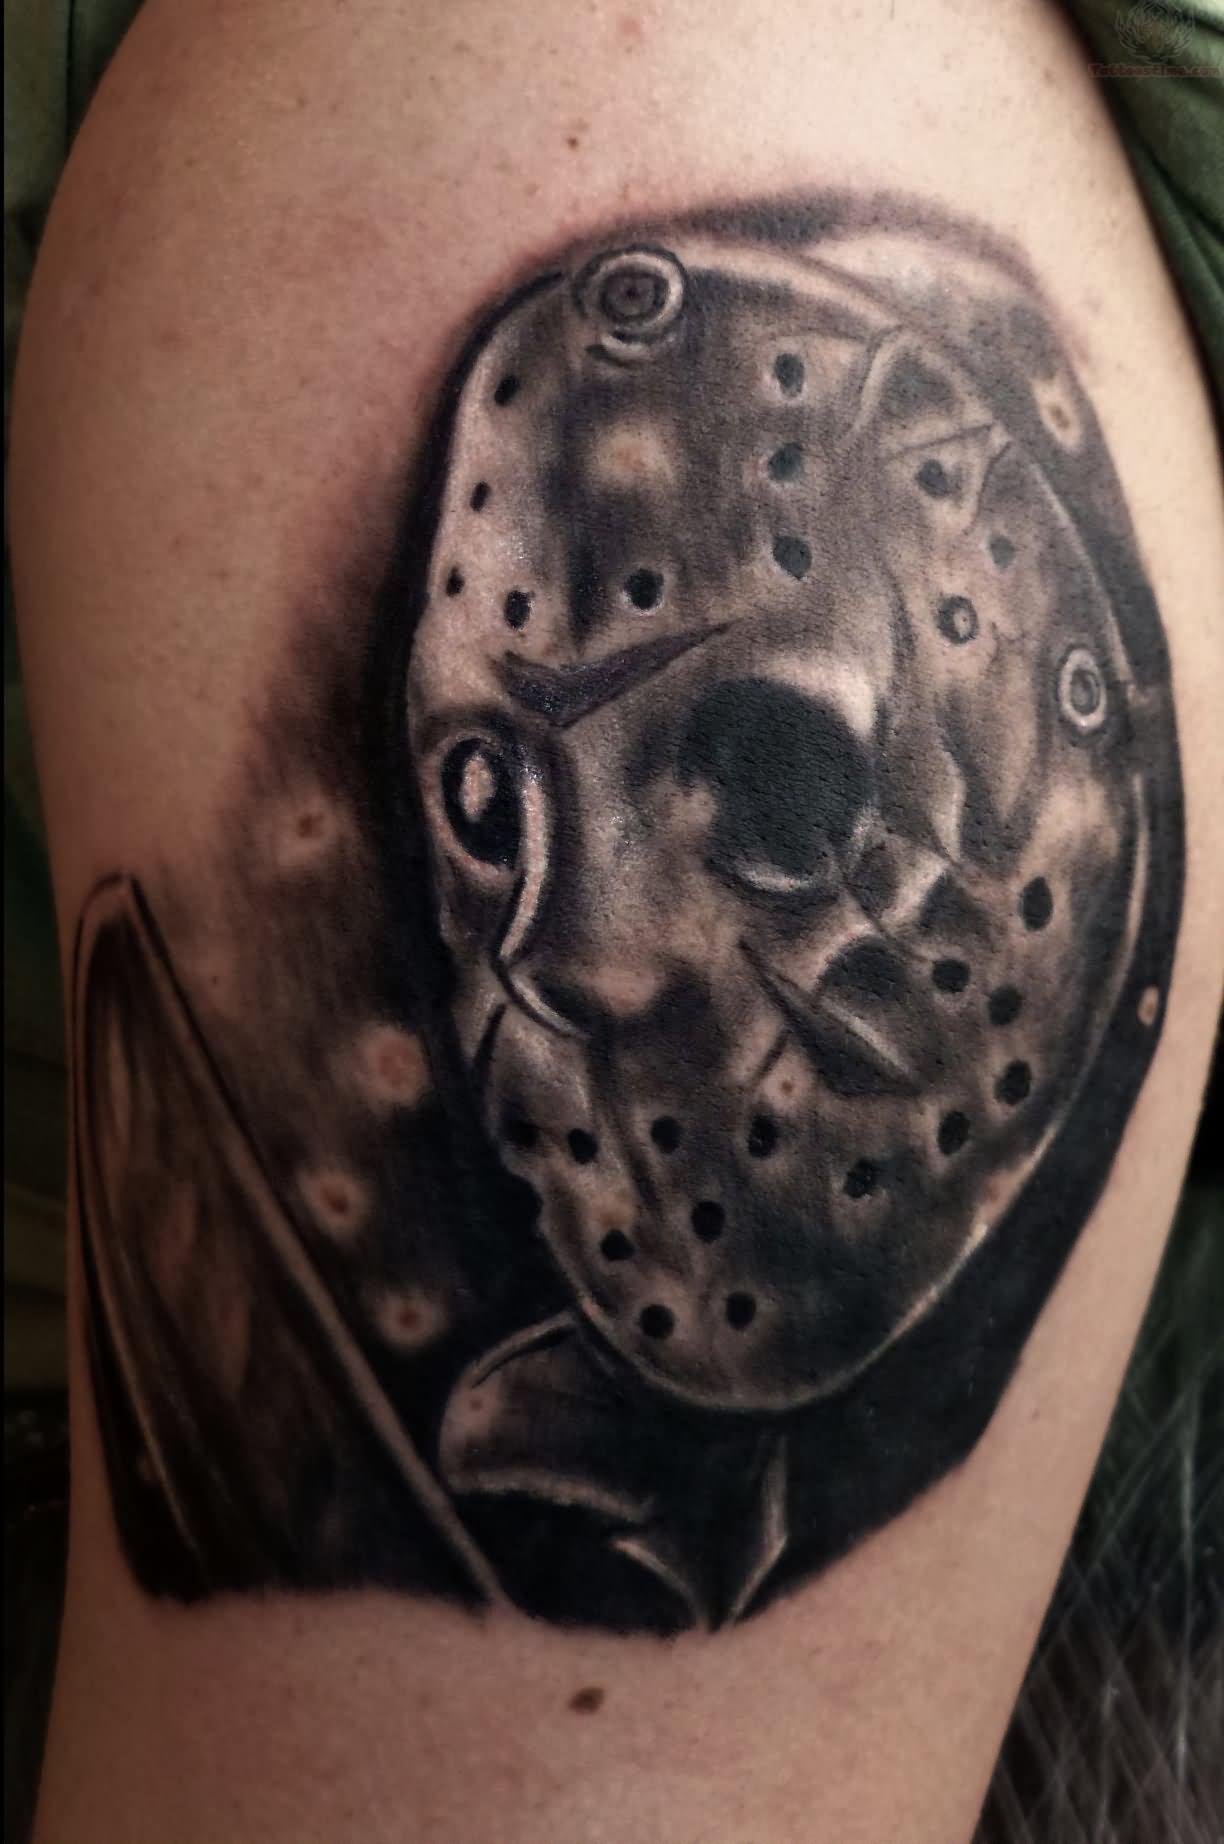 black ink jason mask with freddy glove tattoo on right shoulder. Black Bedroom Furniture Sets. Home Design Ideas